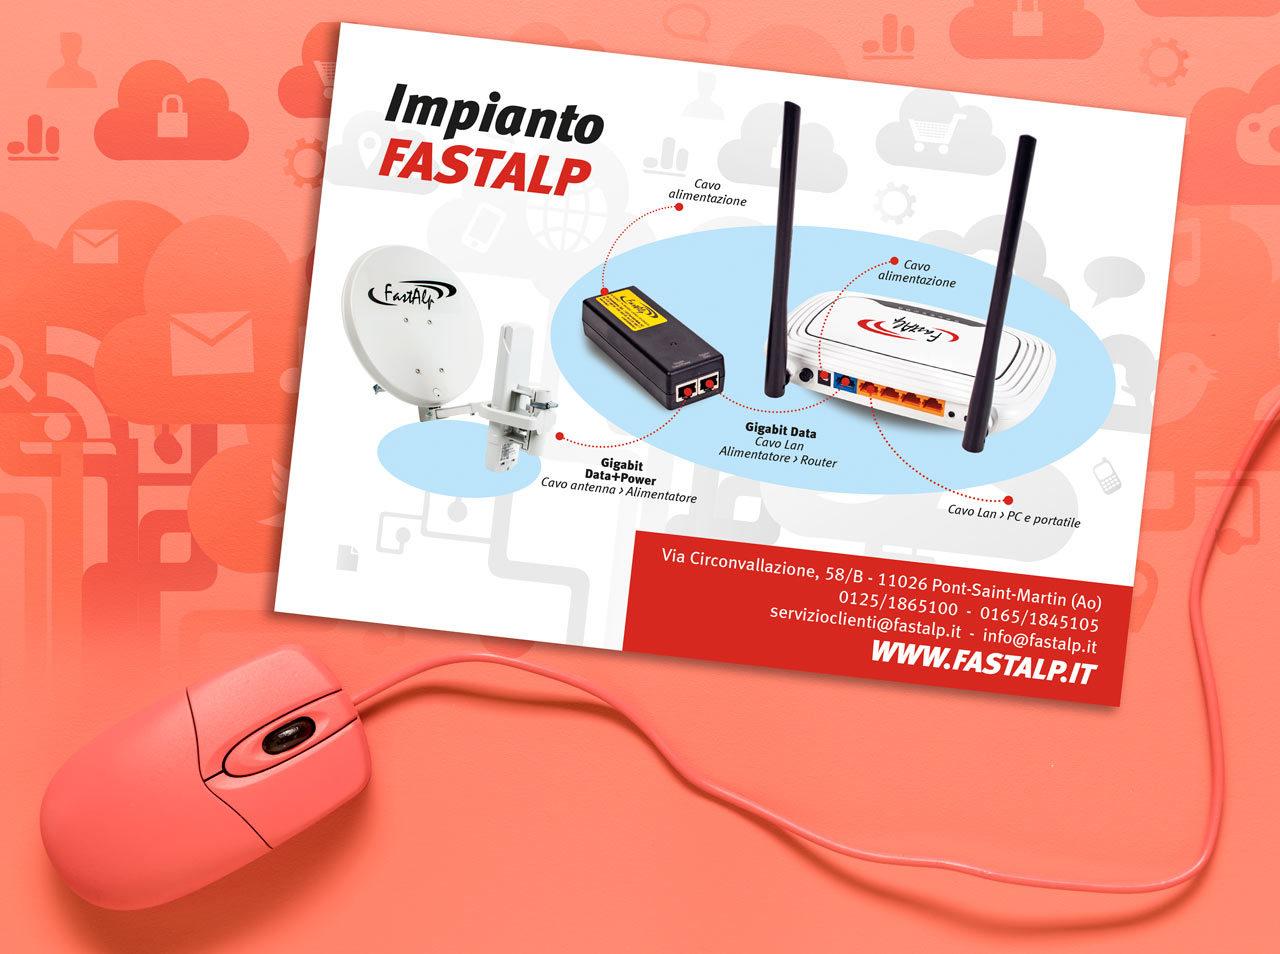 Materiale promozionale fastAlp